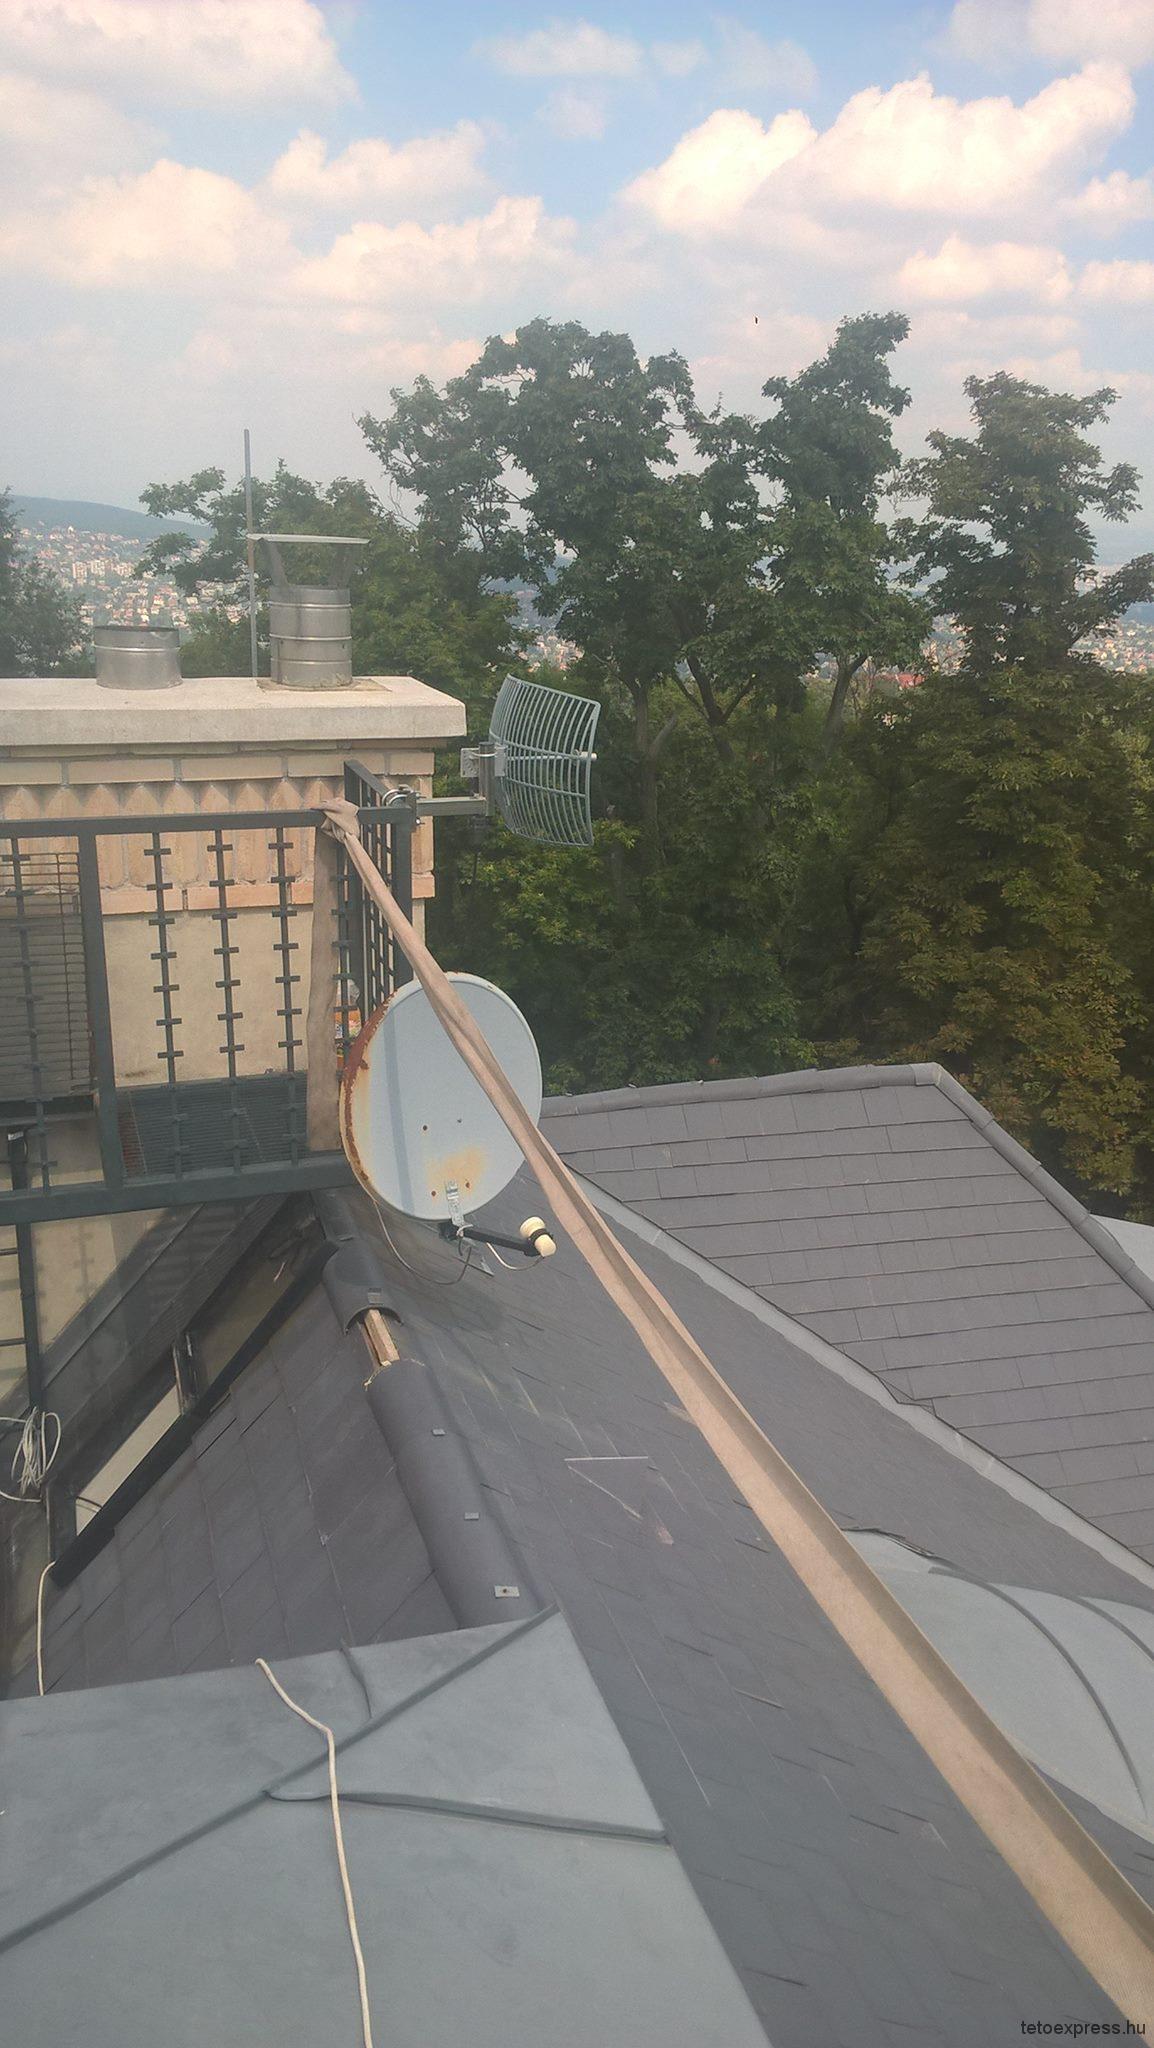 Palatető javítás, palacsere / 2016. augusztus, Budapest